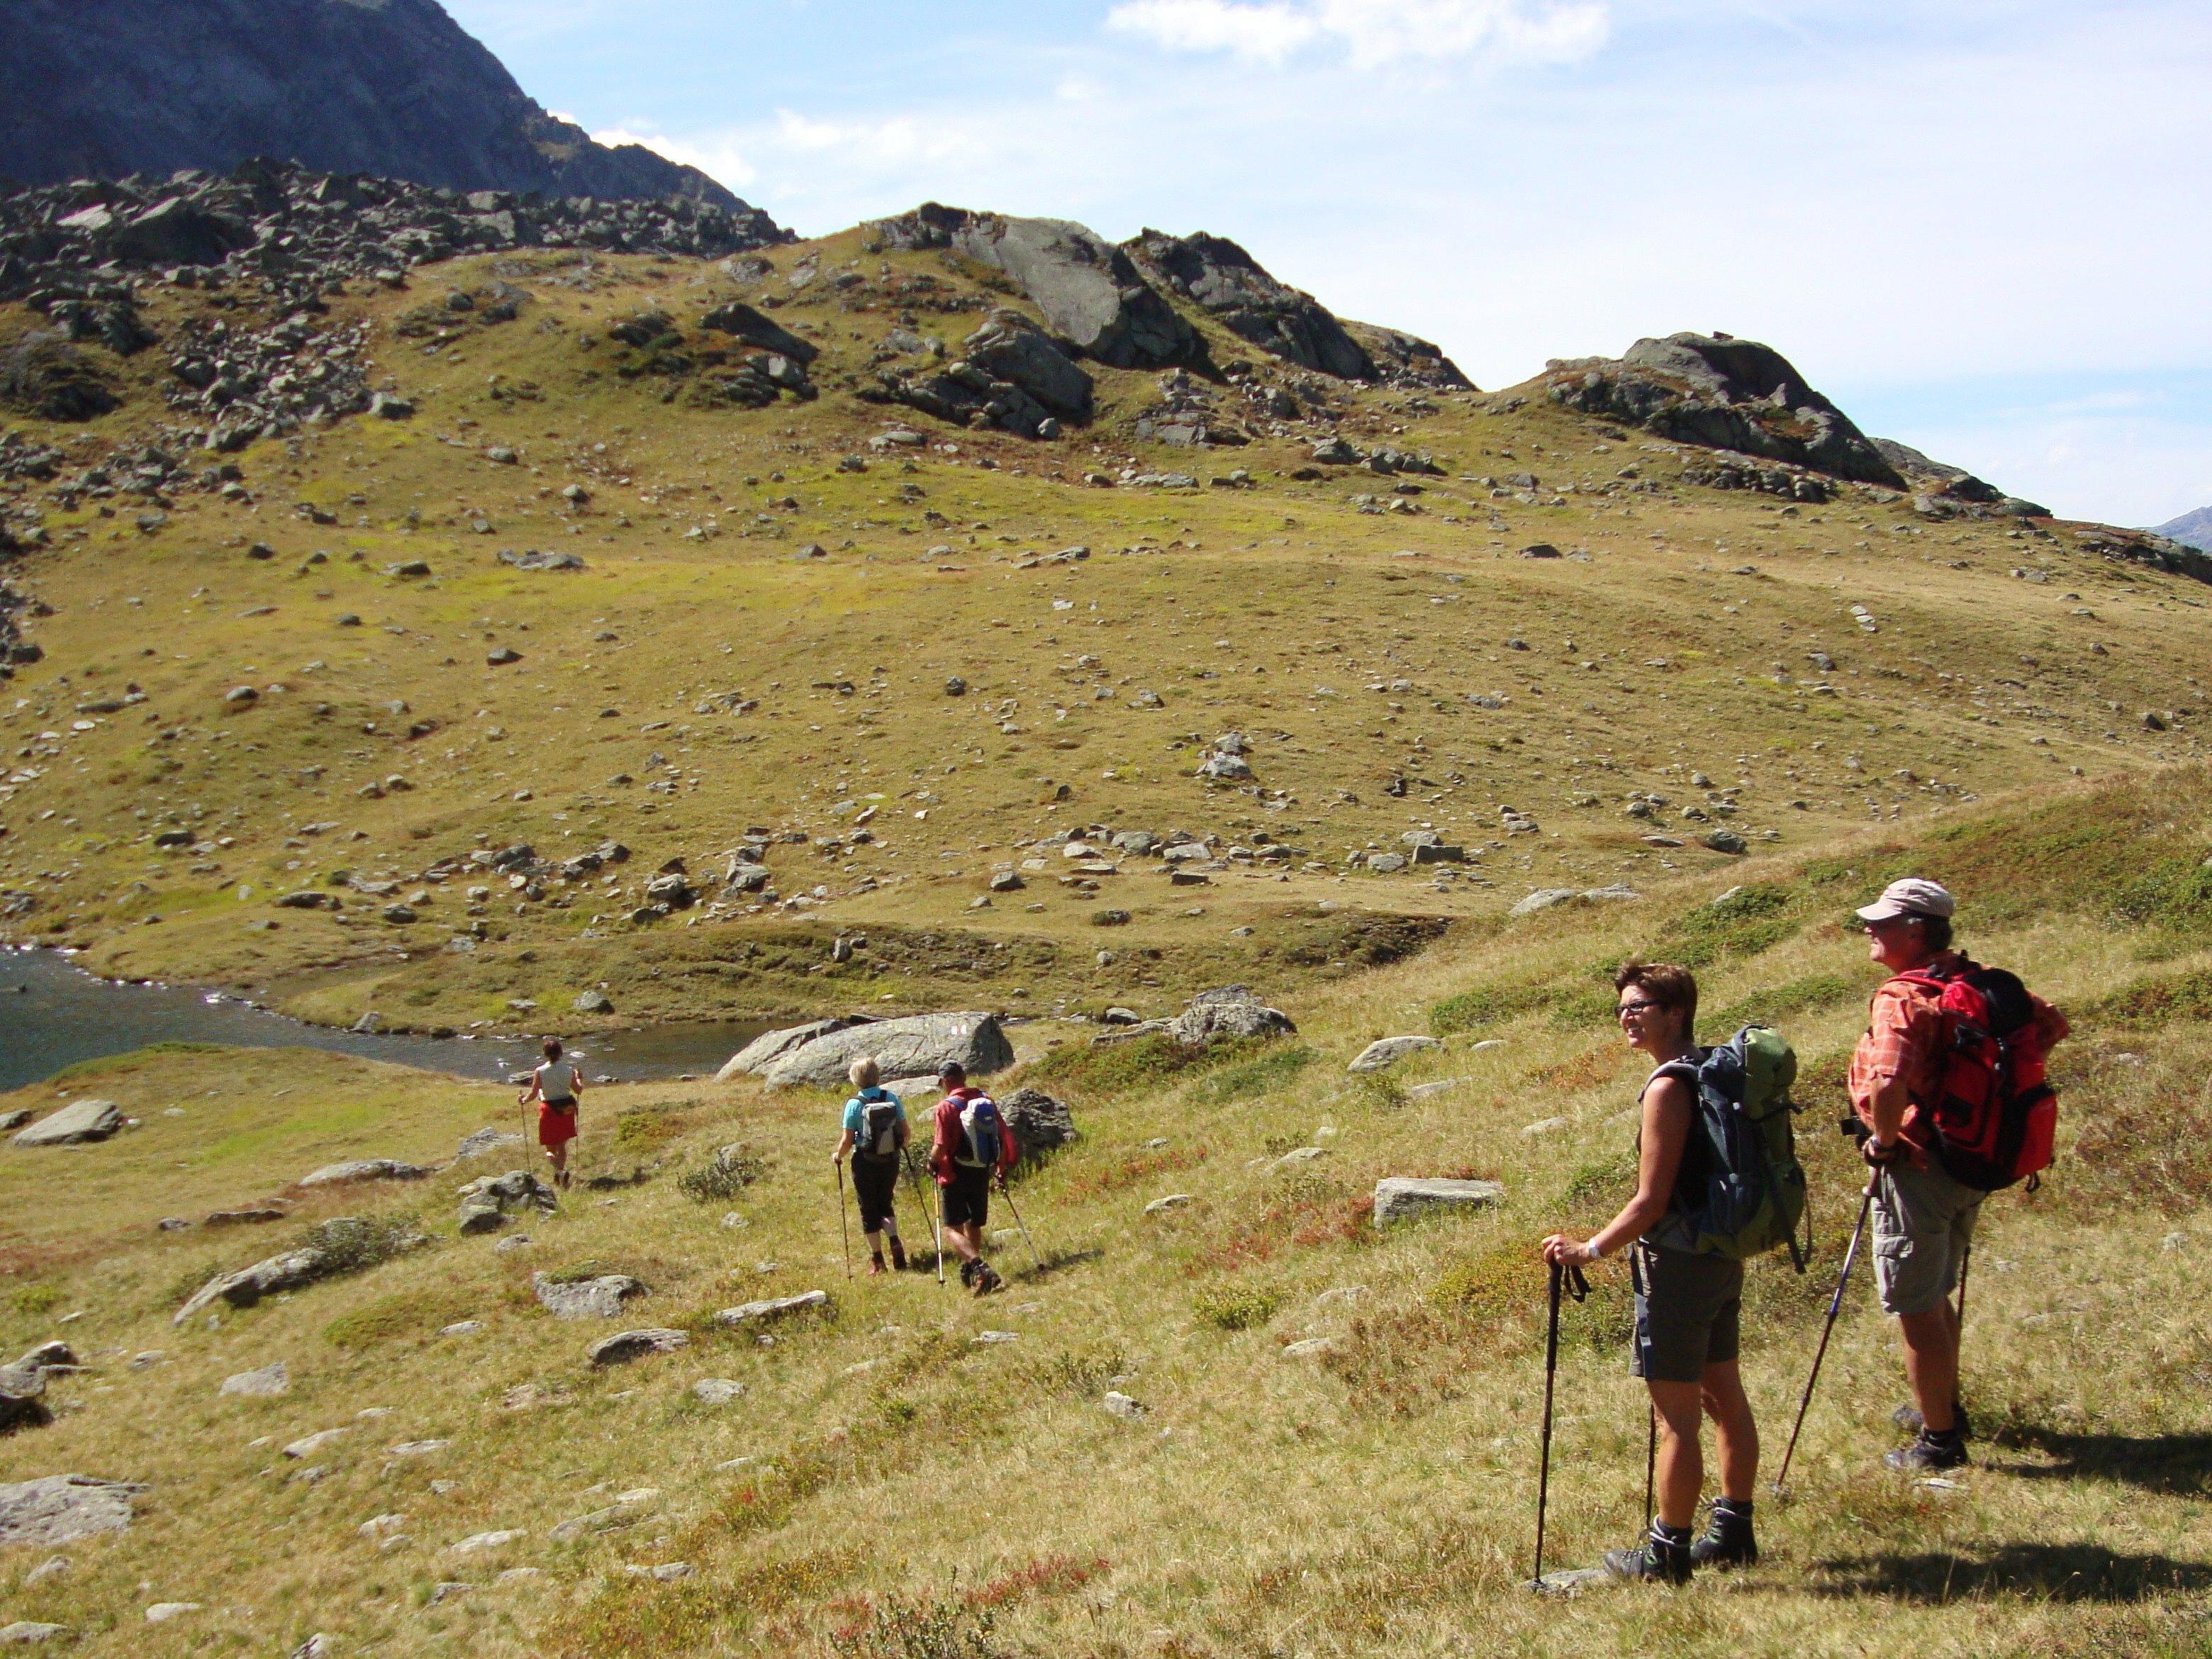 Am Sonntag ist Wandertag für Jung und Alt.